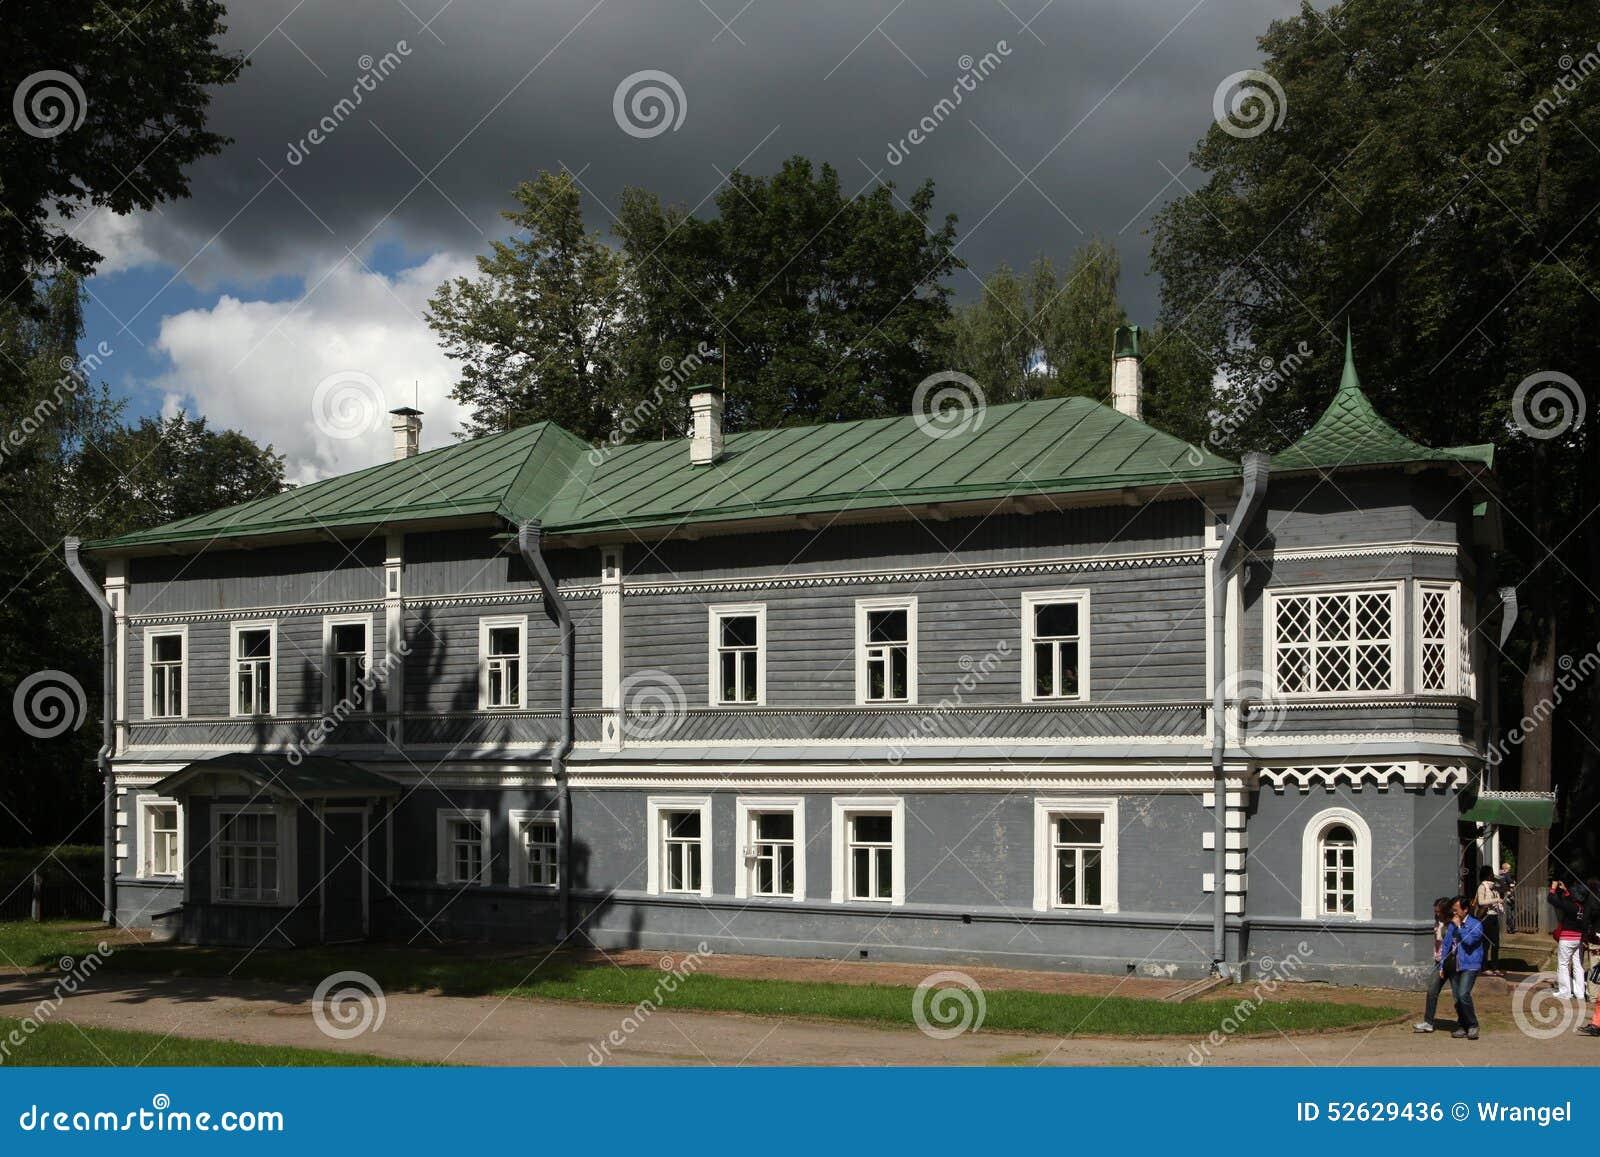 Pyotr Ilyich Tchaikovsky Tchaikovsky - Russian State Symphony Orchestra U.S.S.R. Symphony Orchestra Symphony No. 2